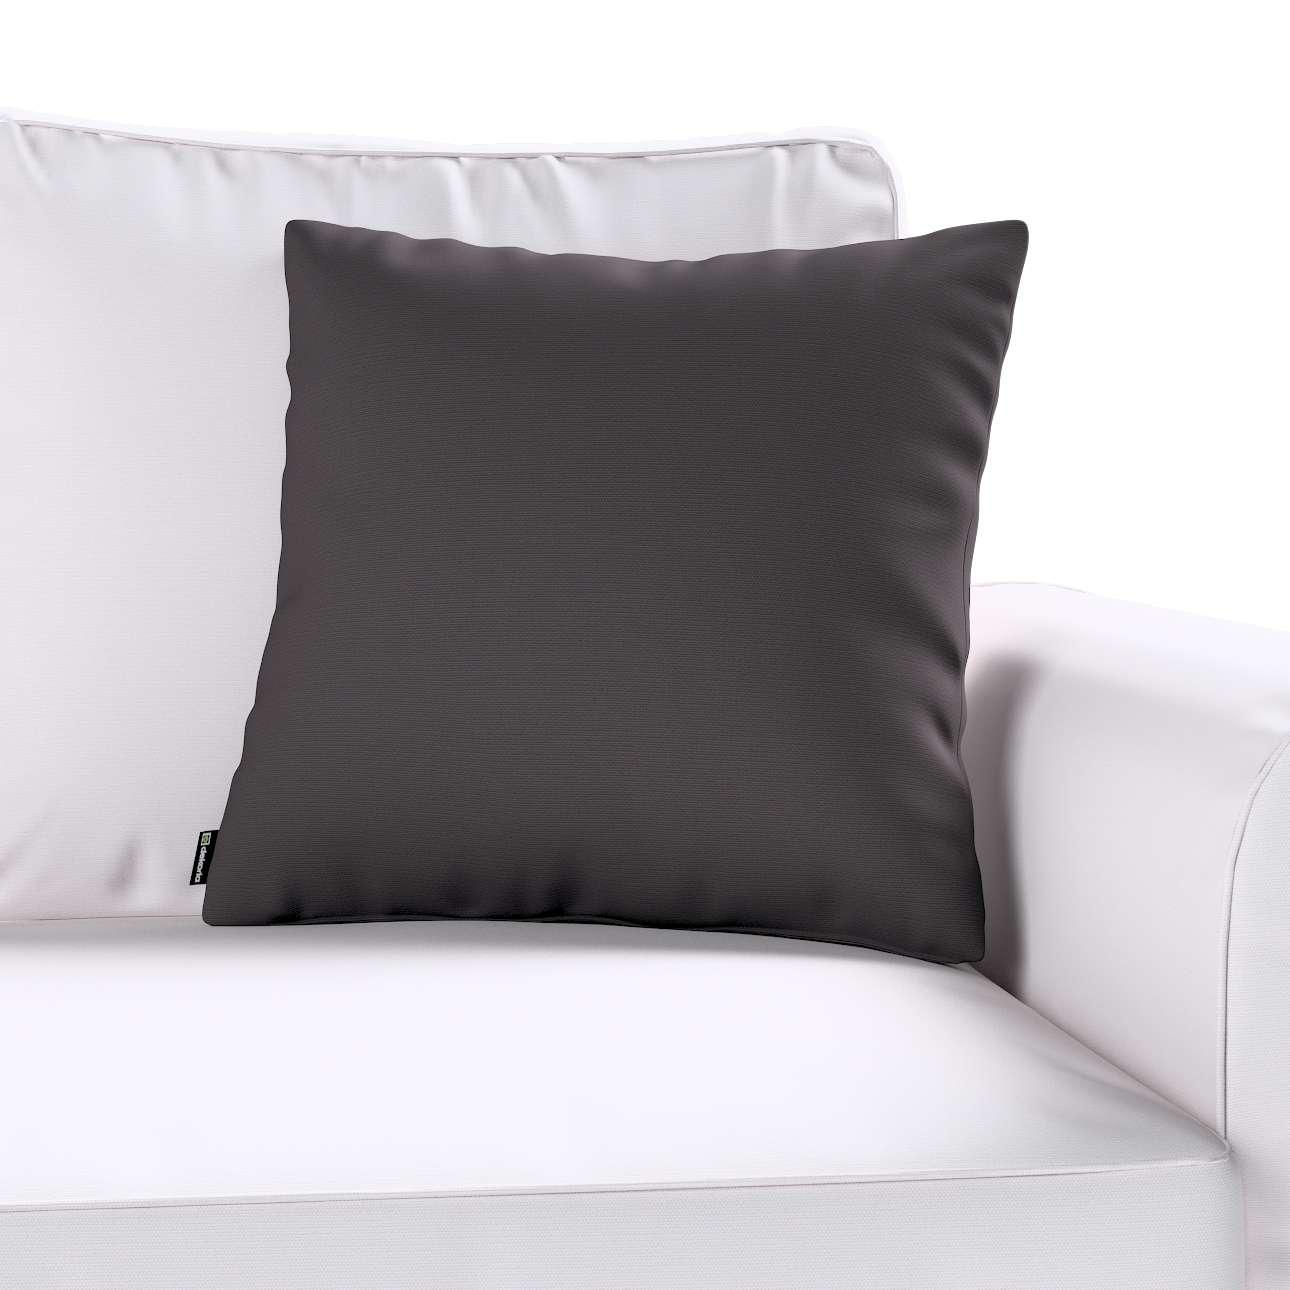 Poszewka Kinga na poduszkę 43 x 43 cm w kolekcji Cotton Panama, tkanina: 702-09